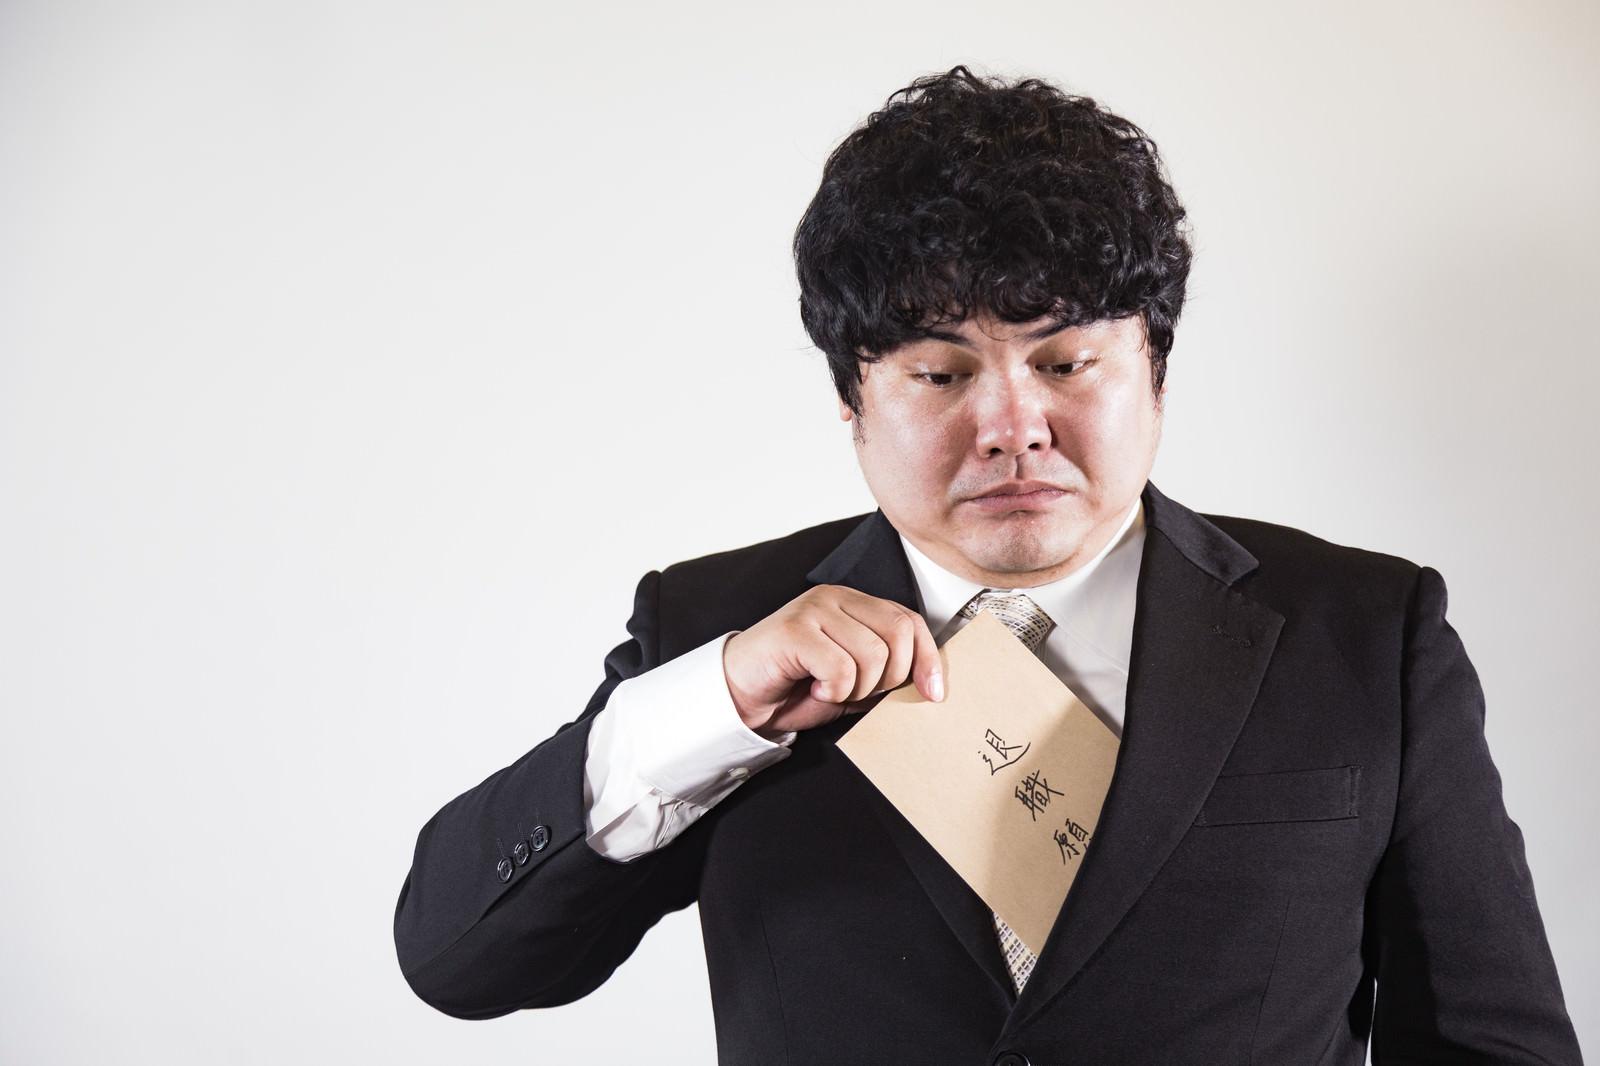 「退職願いが受理されないかと不安な会社員」の写真[モデル:段田隼人]